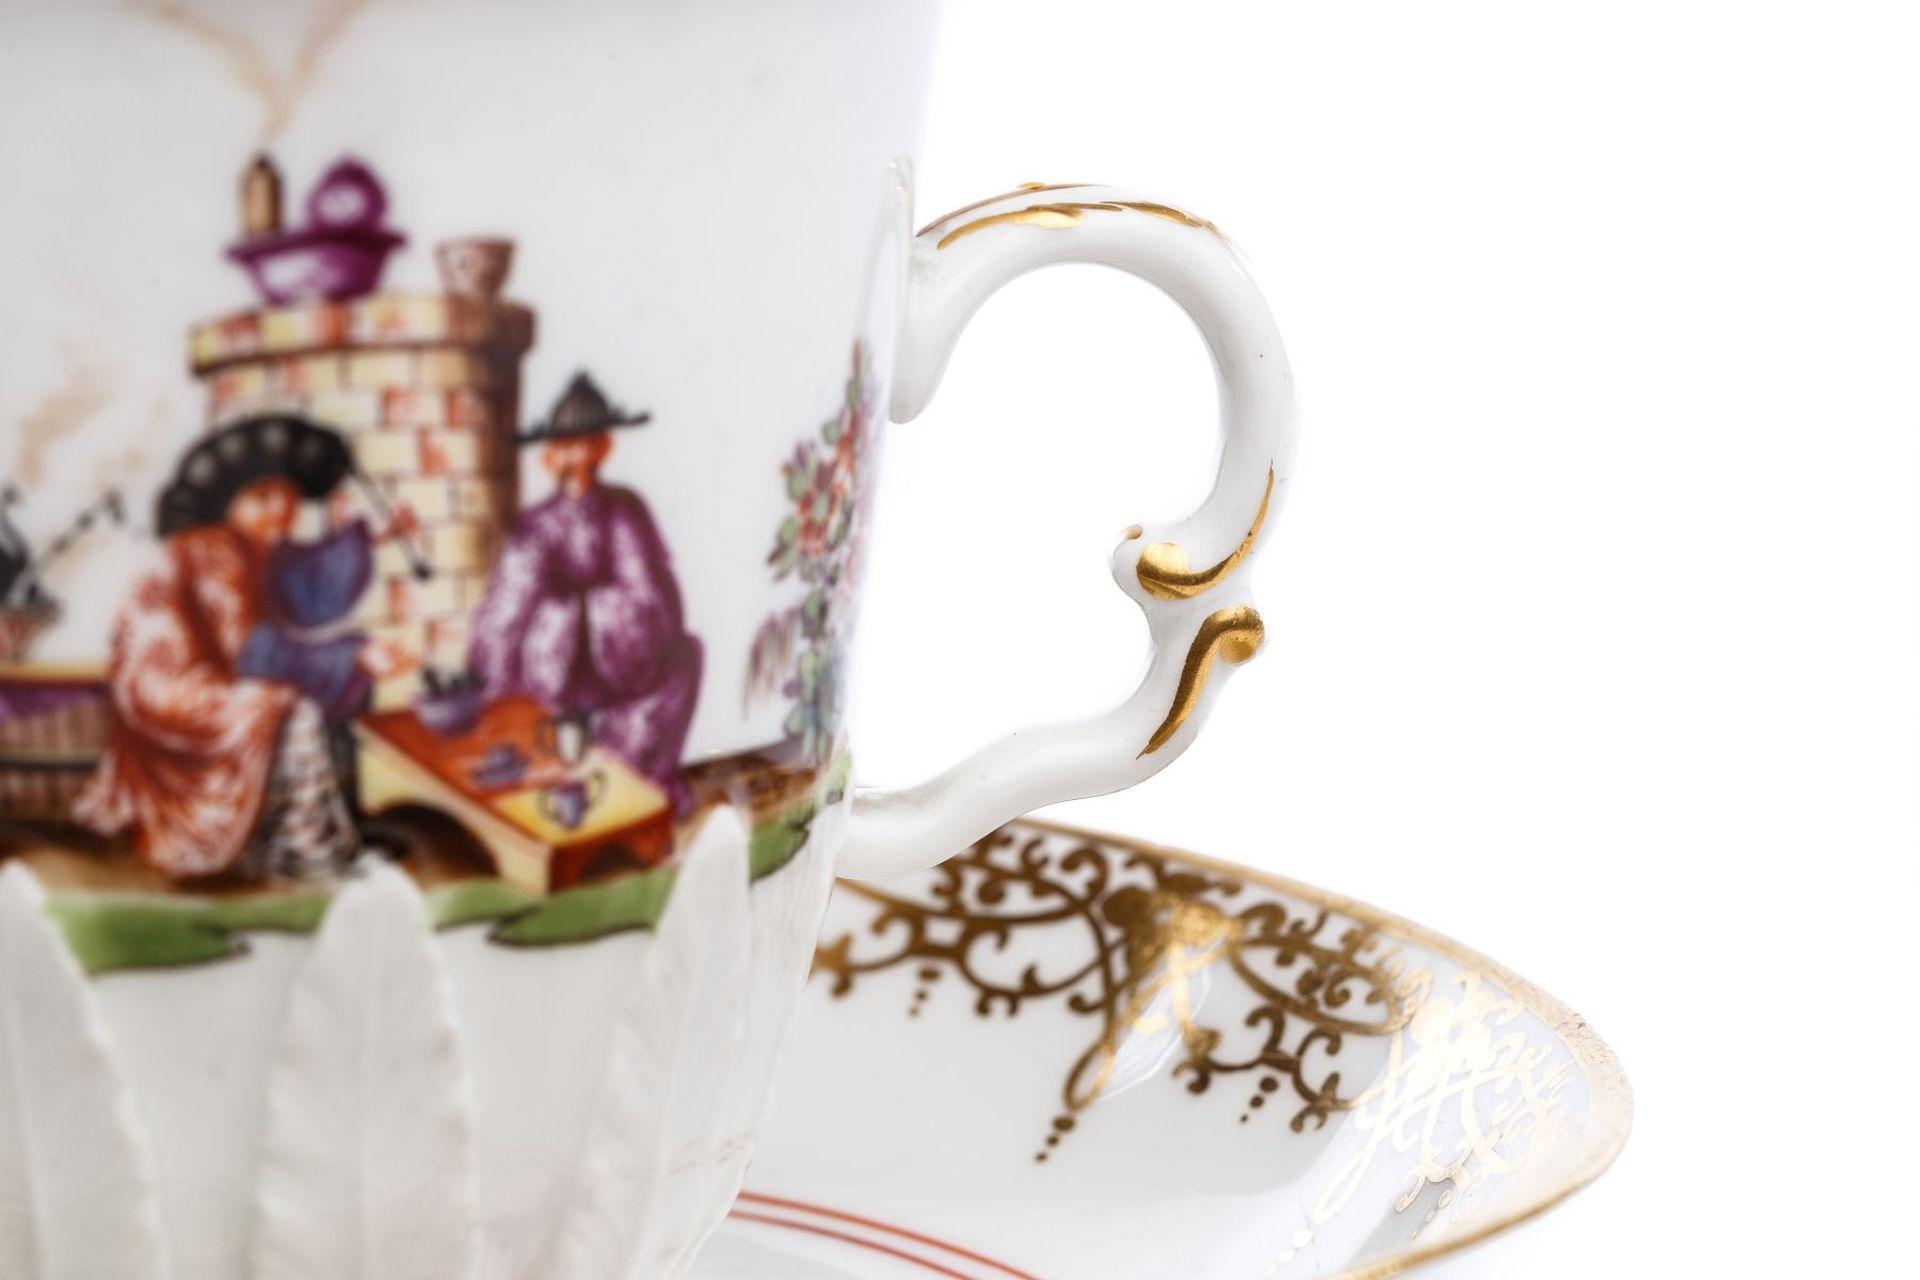 Henkelbecher mit Unterschale, Meissen 1730/35 - Bild 5 aus 6